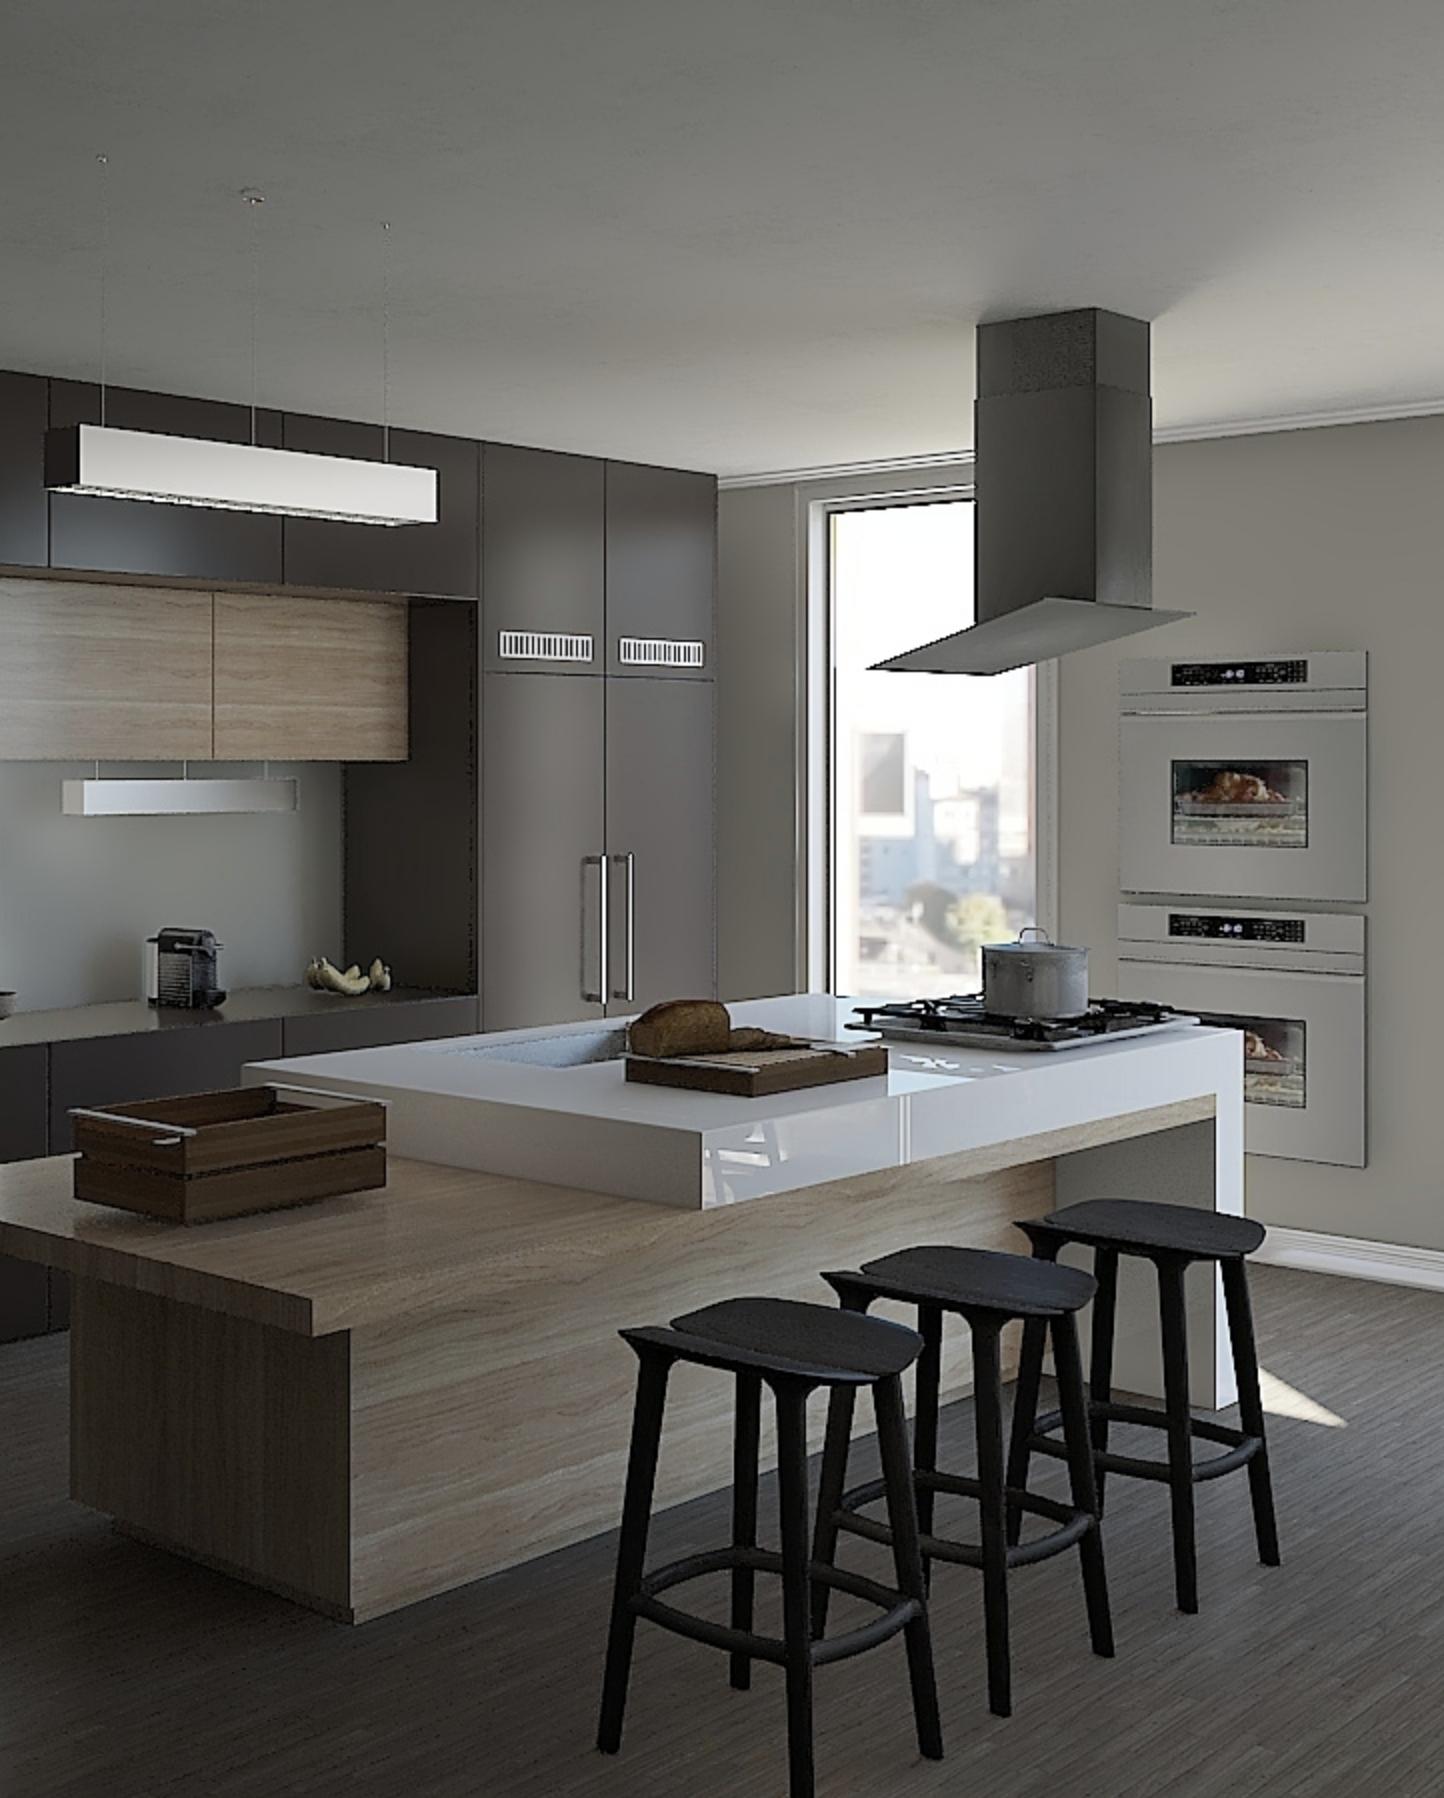 Design your dream kitchen with Homestyler #kitchen # ...